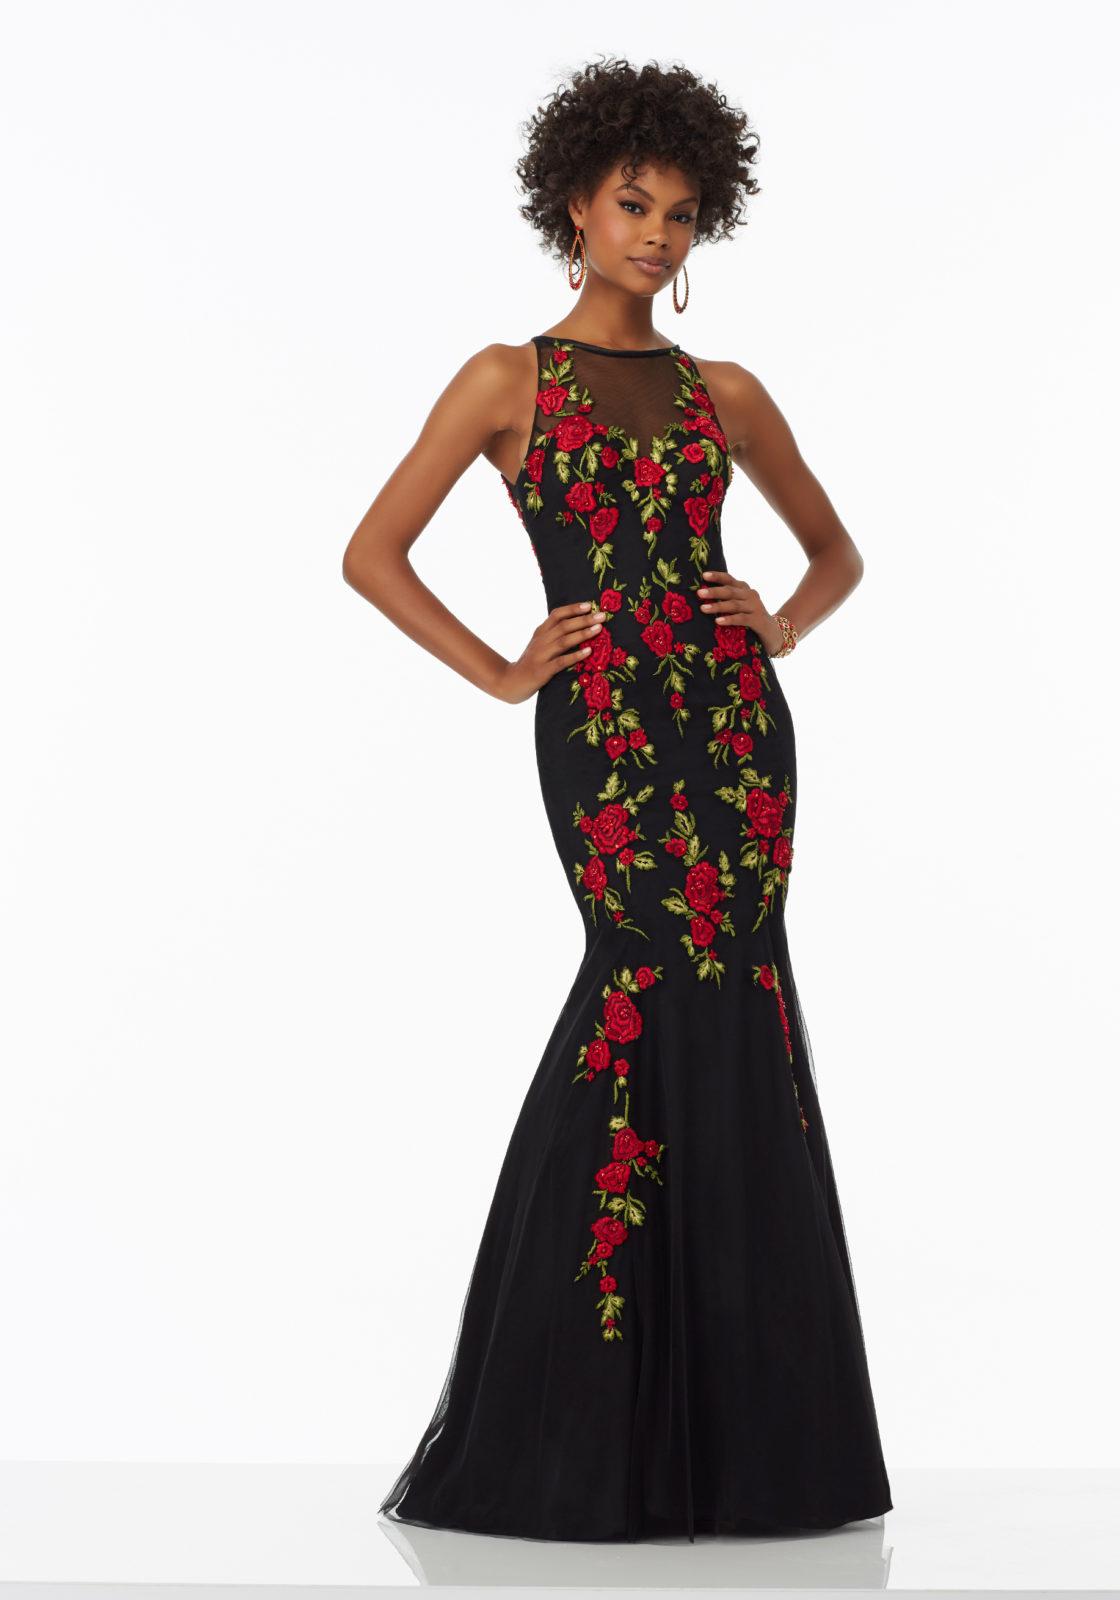 Los bordados no pueden faltar en un vestido como éste